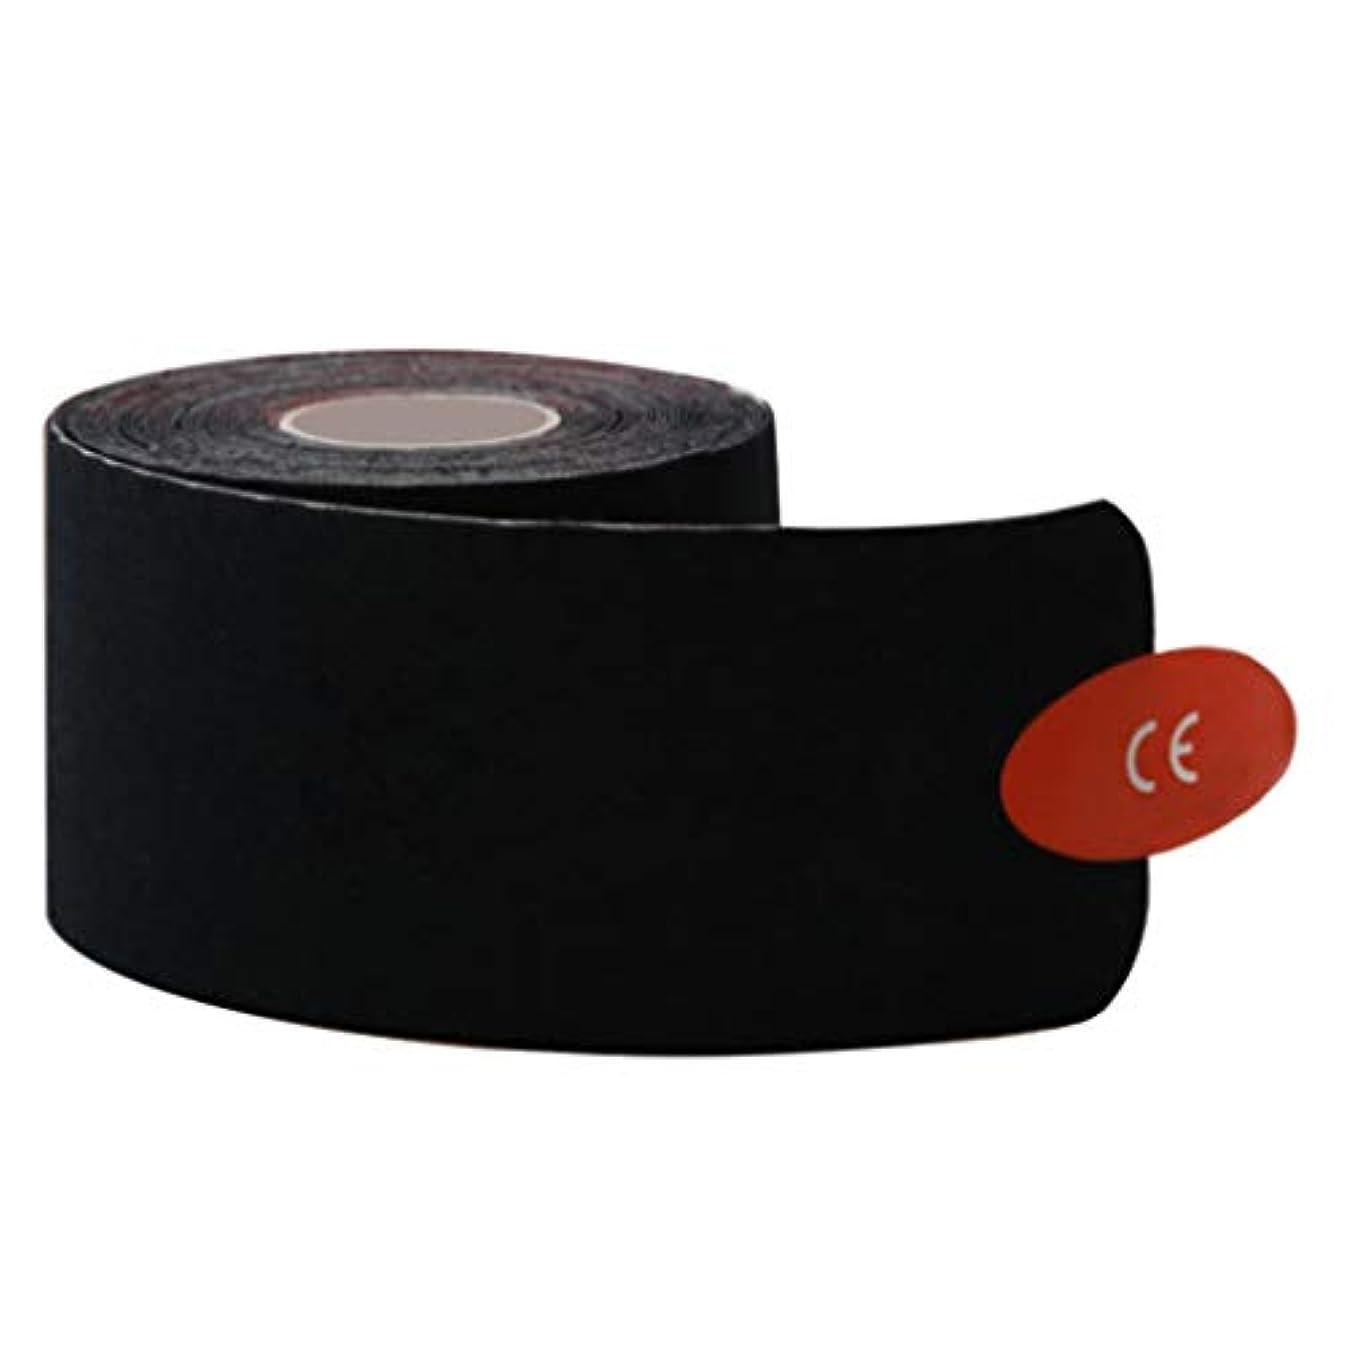 ジャンピングジャック努力する下位T TOOYFUL ノーカット エラスチックバンデージ 弾性包帯 自着 テーピング 伸縮 自着性テープ コットン素材 全8選択